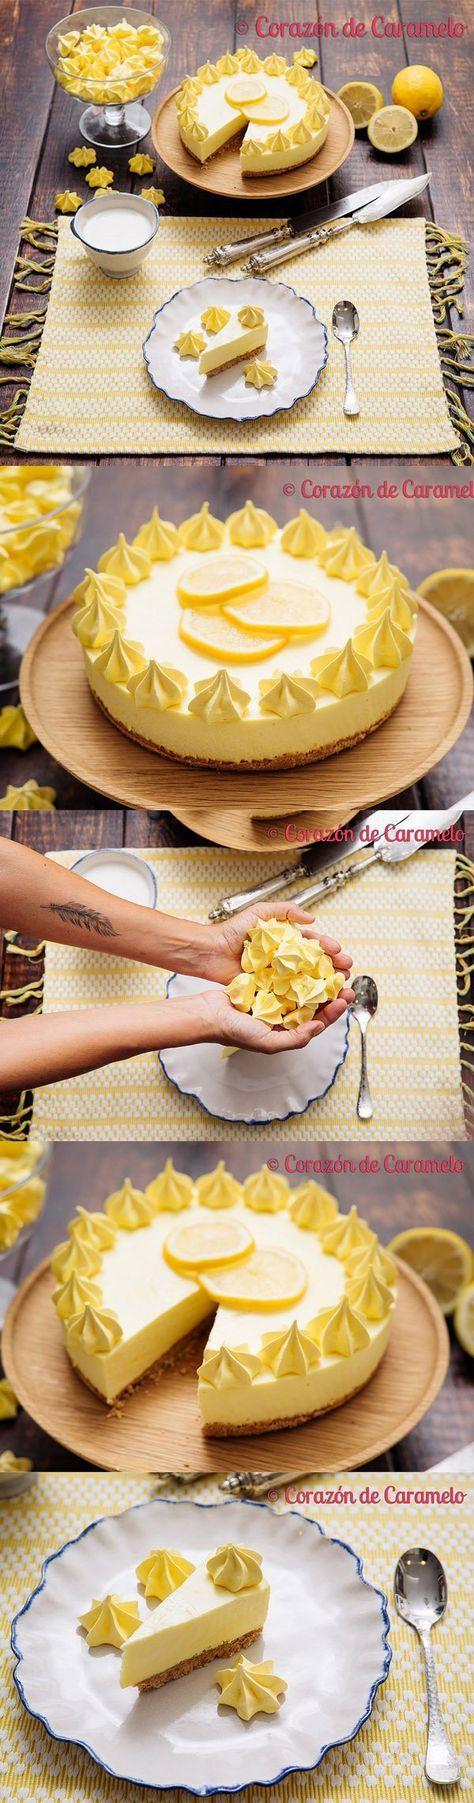 Tarta de limón sin horno / https://www.corazondecaramelo.es